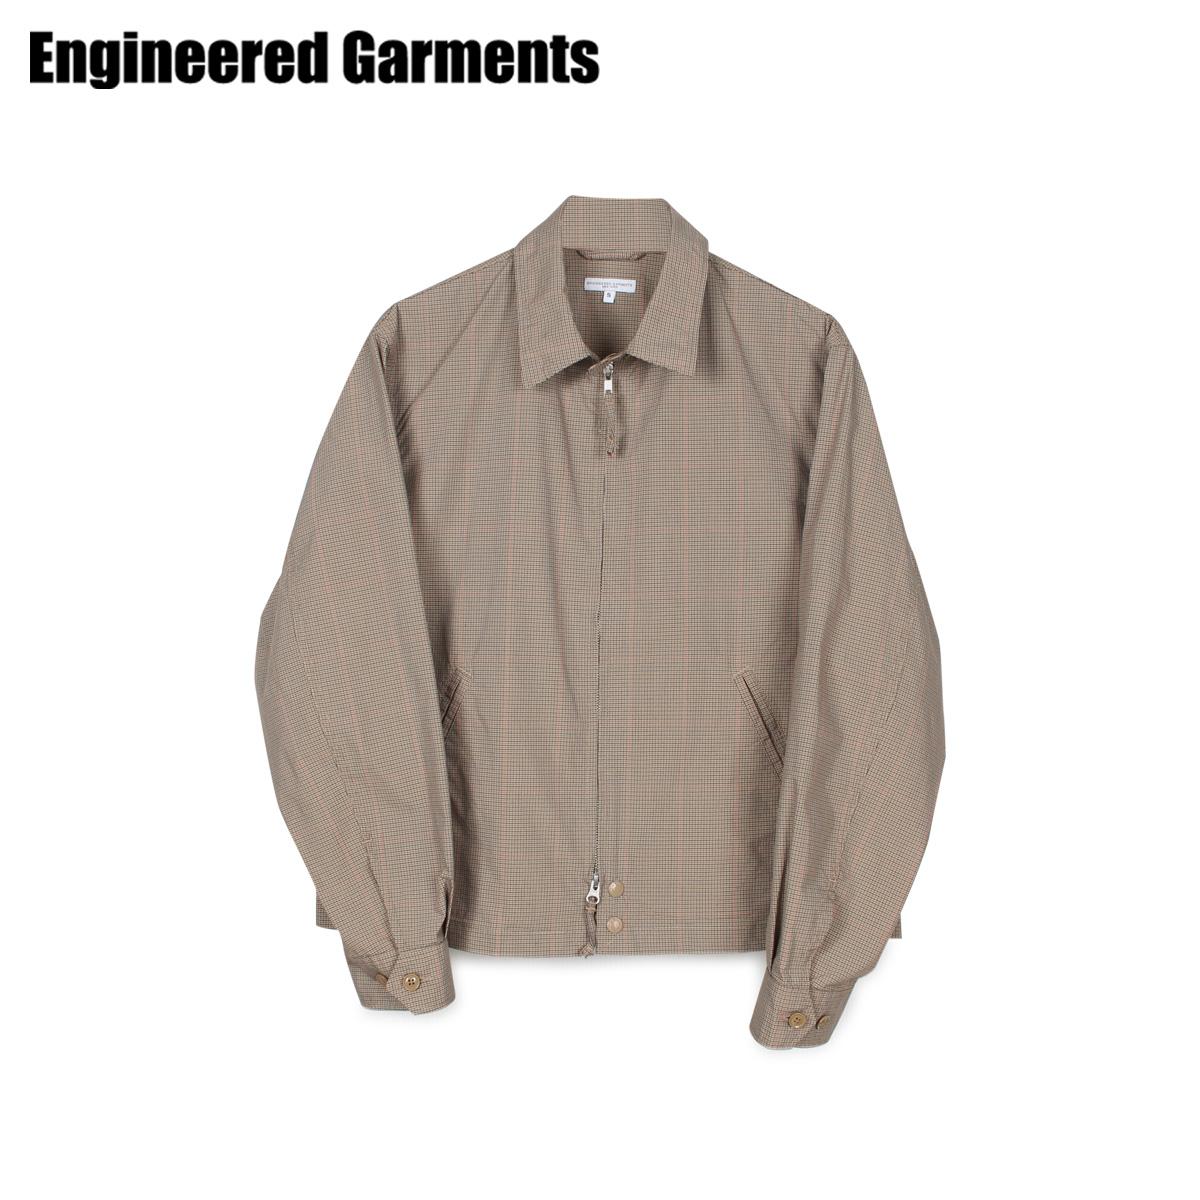 ENGINEERED GARMENTS エンジニアドガーメンツ ジャケット メンズ CLAIGTON JACKET ベージュ 20S1D026